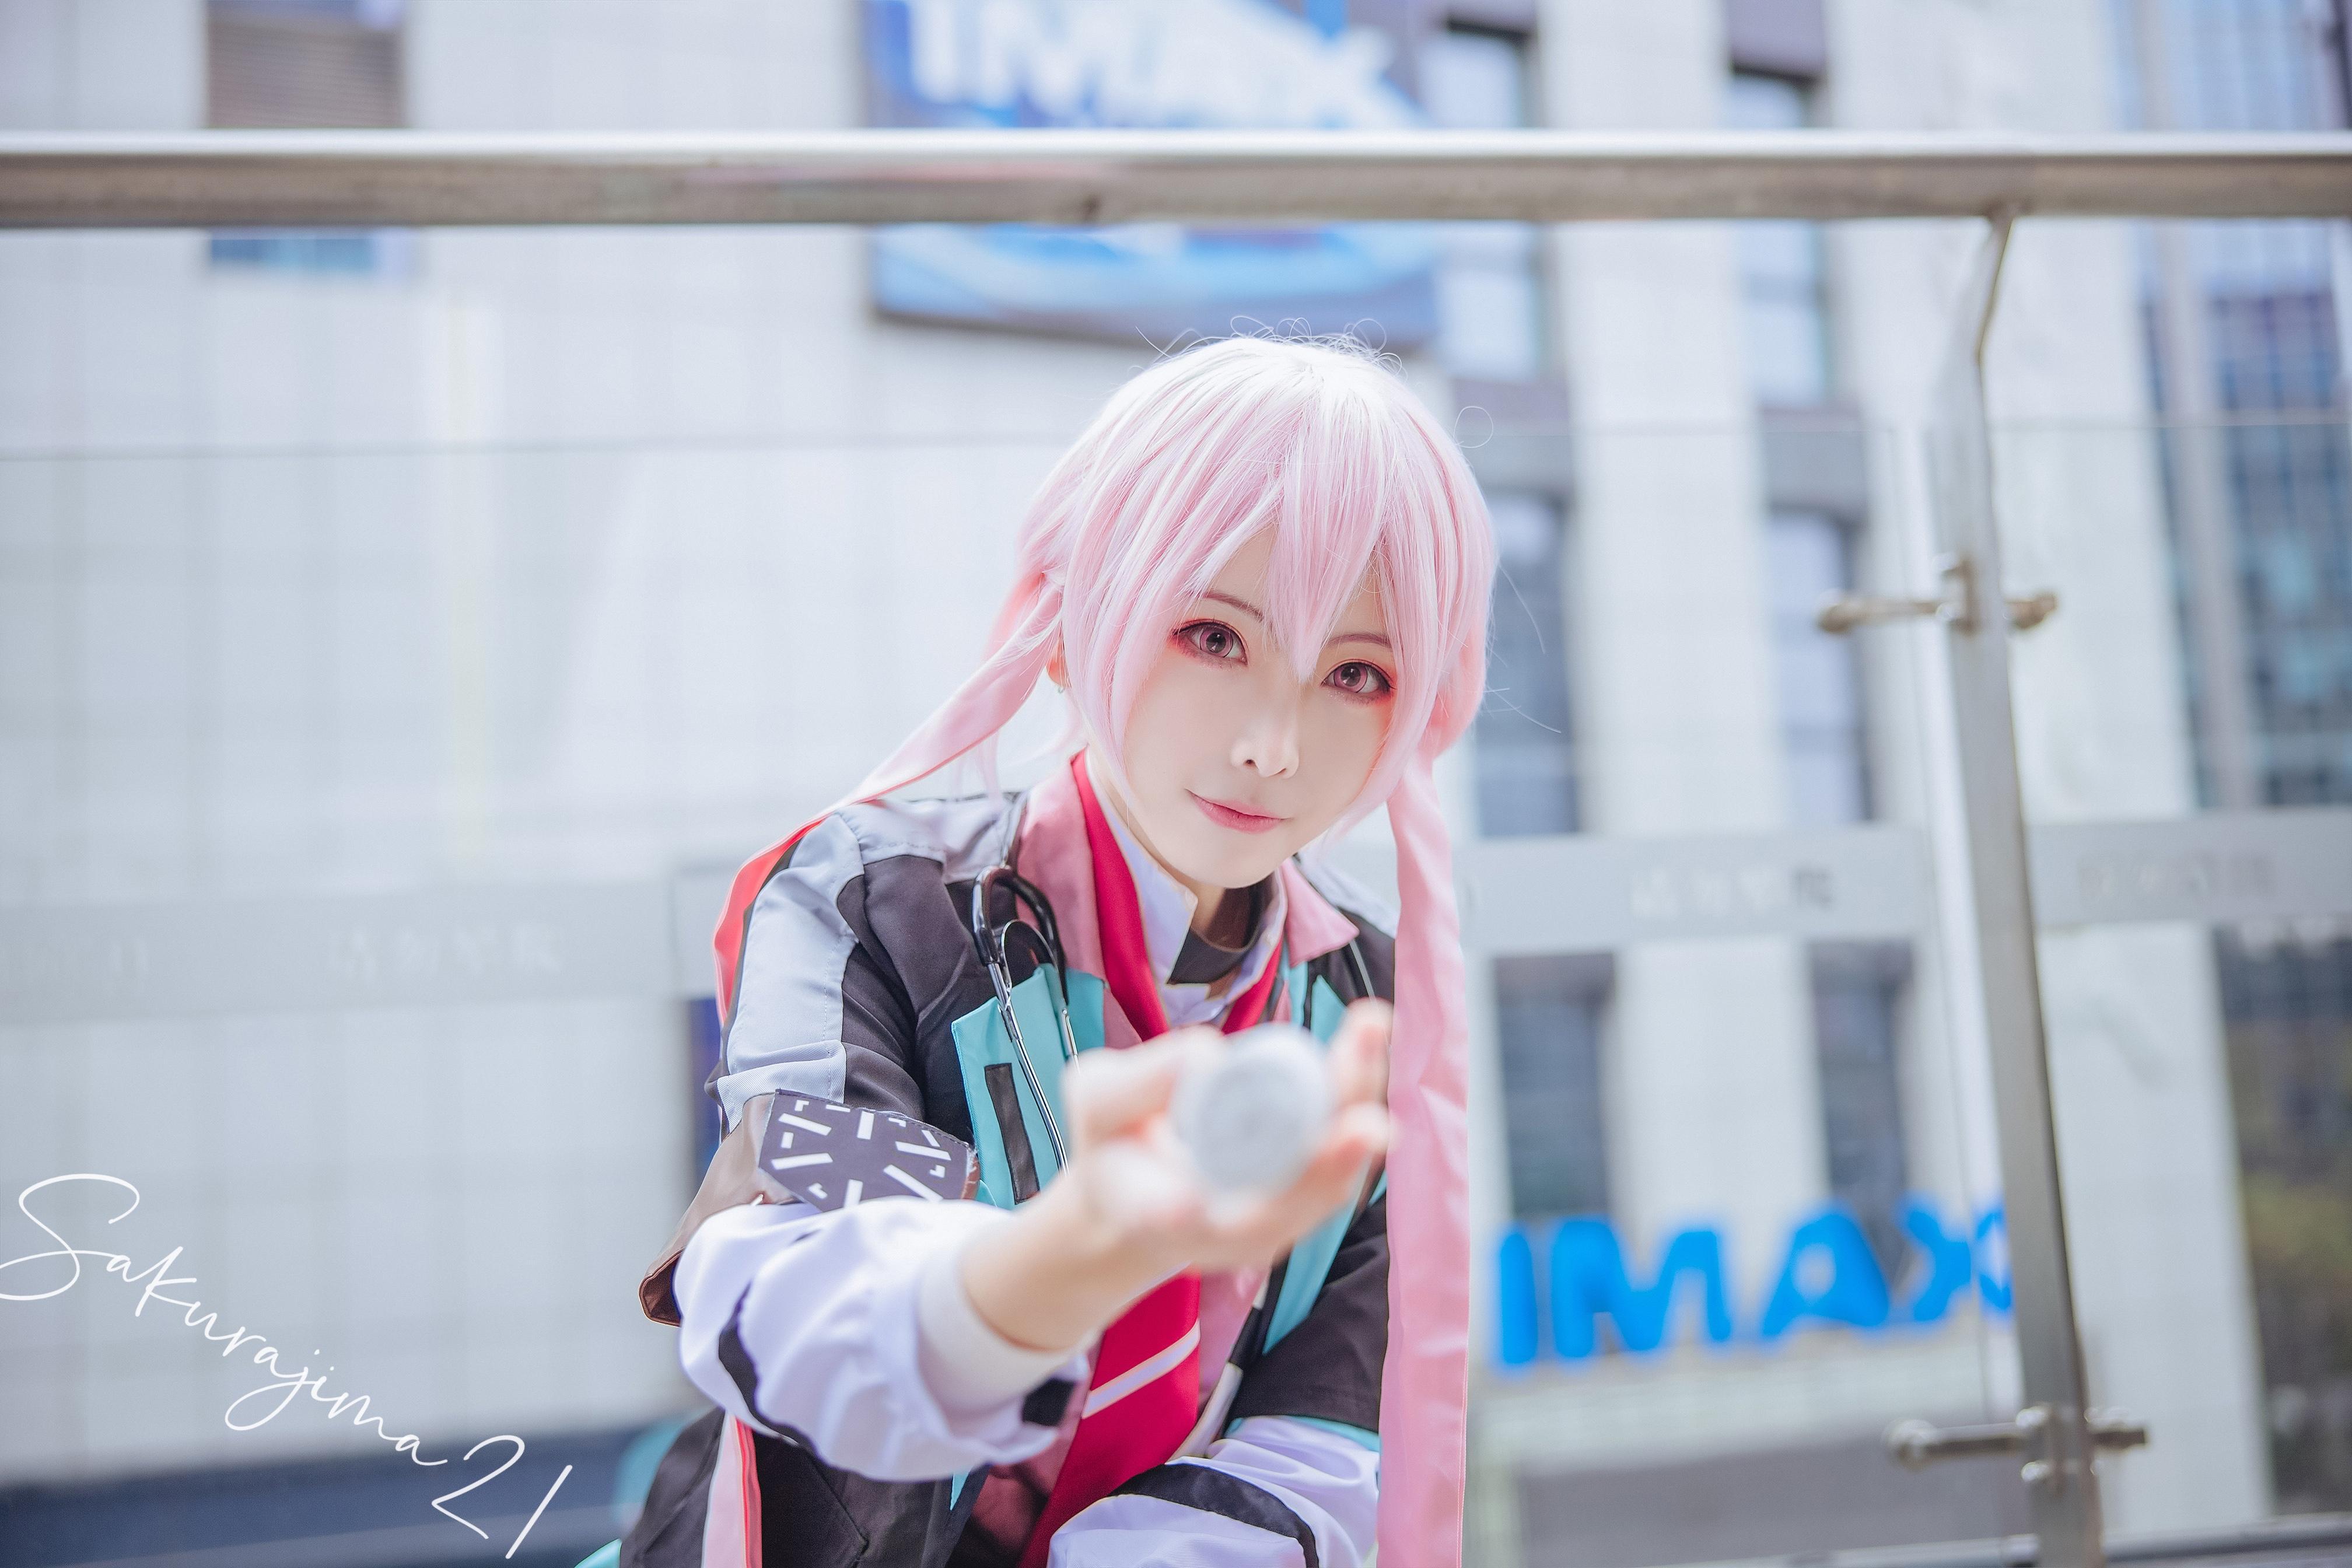 《明日方舟》正片cosplay【CN:樱岛嗷一】-第11张